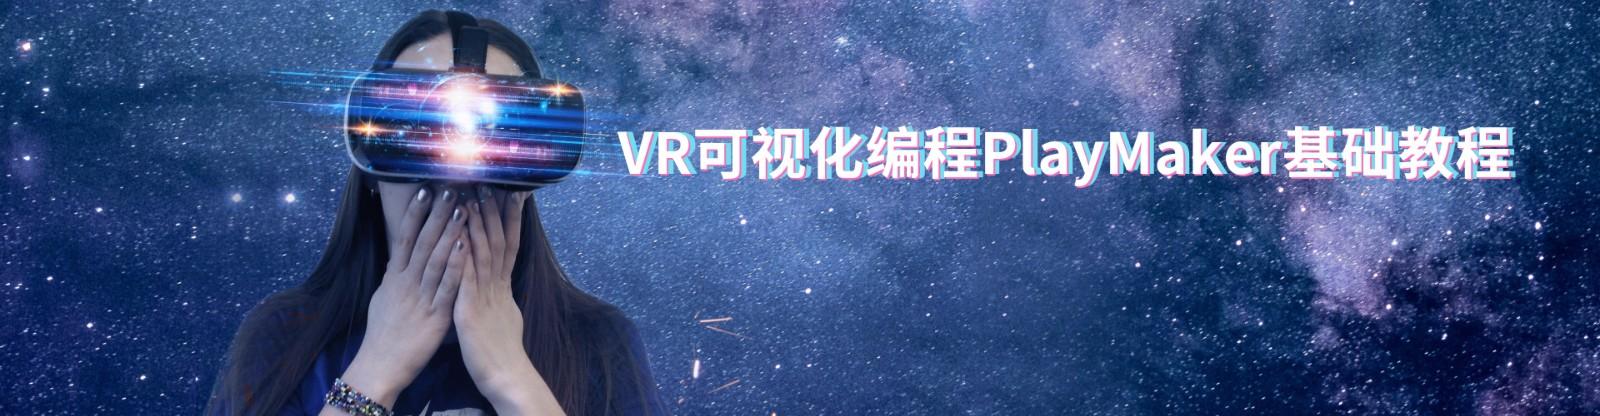 VR可视化编程PlayMaker基础教程